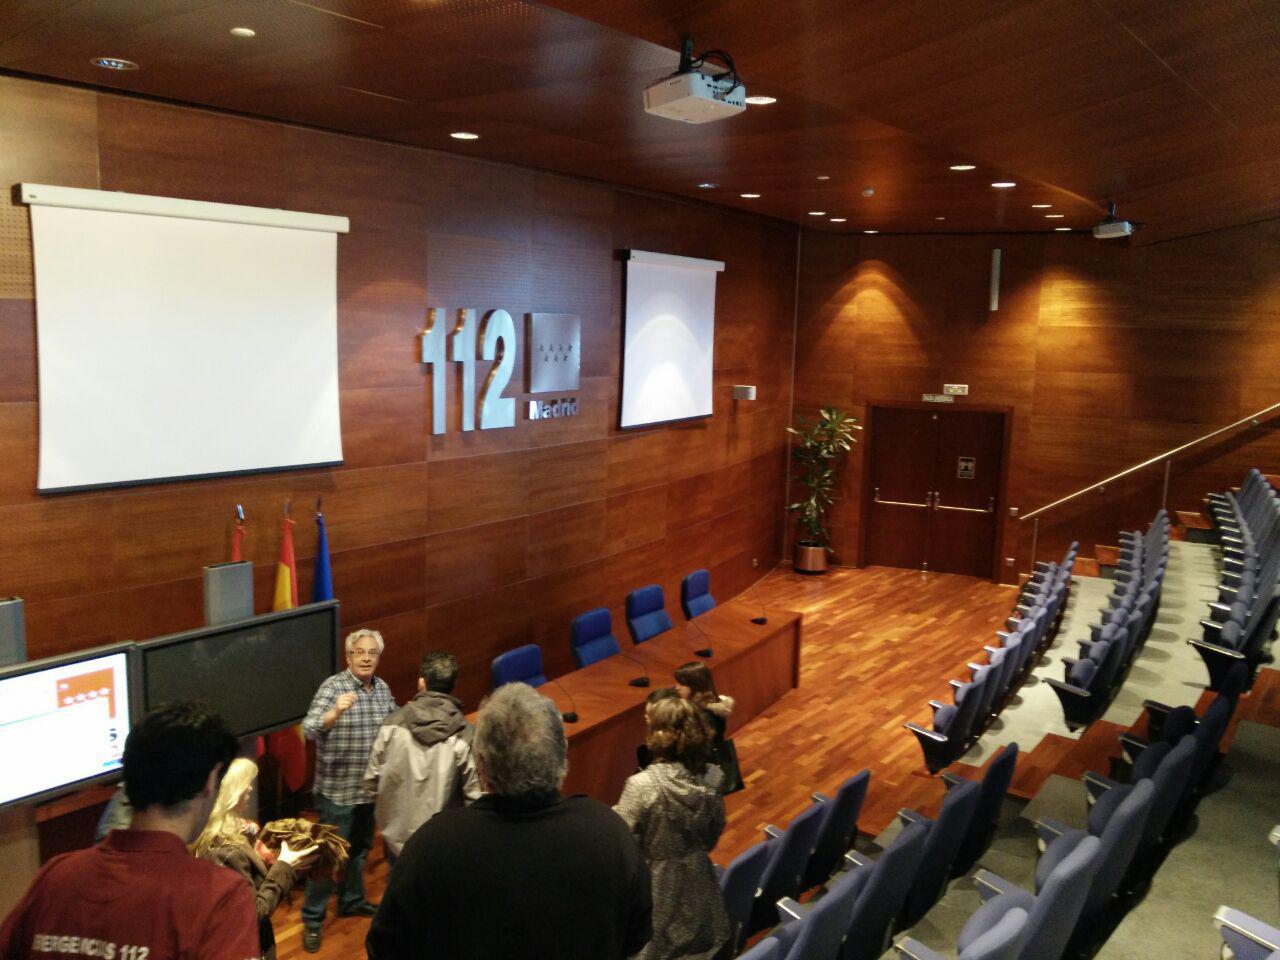 Fotos 360 Del Salón de actos de @112cmadrid